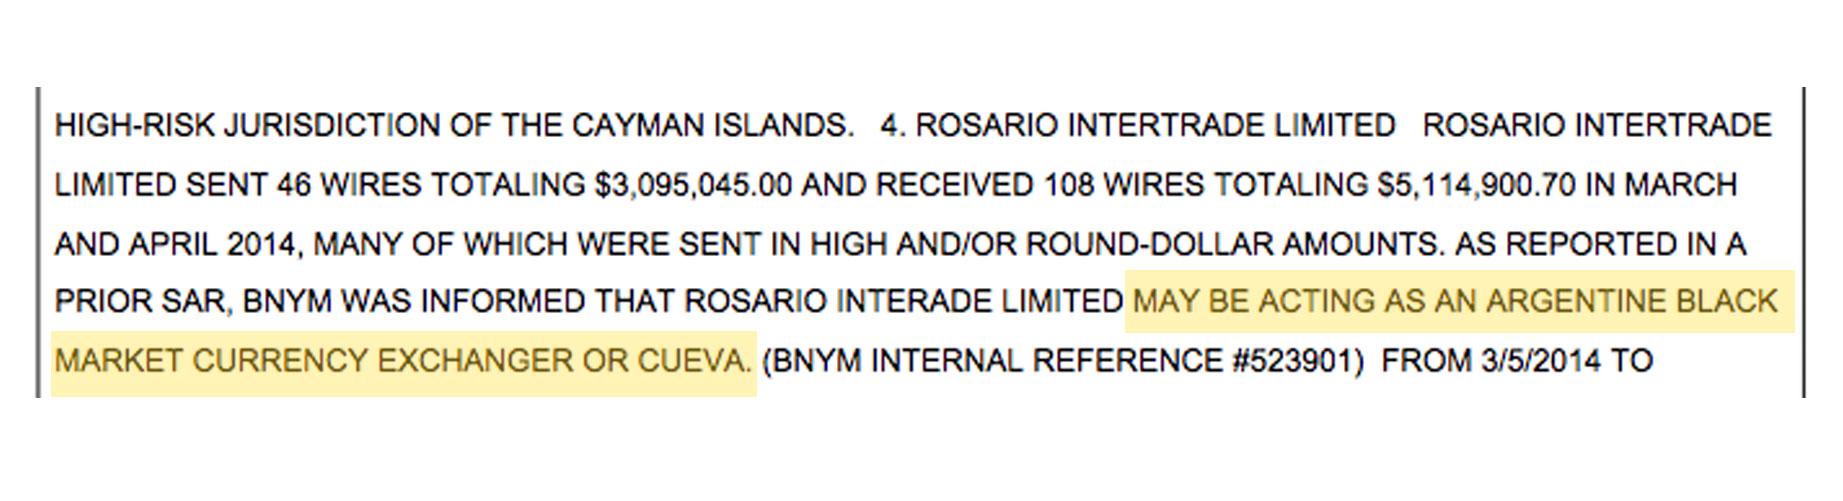 El SAR emitido por la FinCEN en julio de 2014 donde identifica a Rosario Intertrade como una